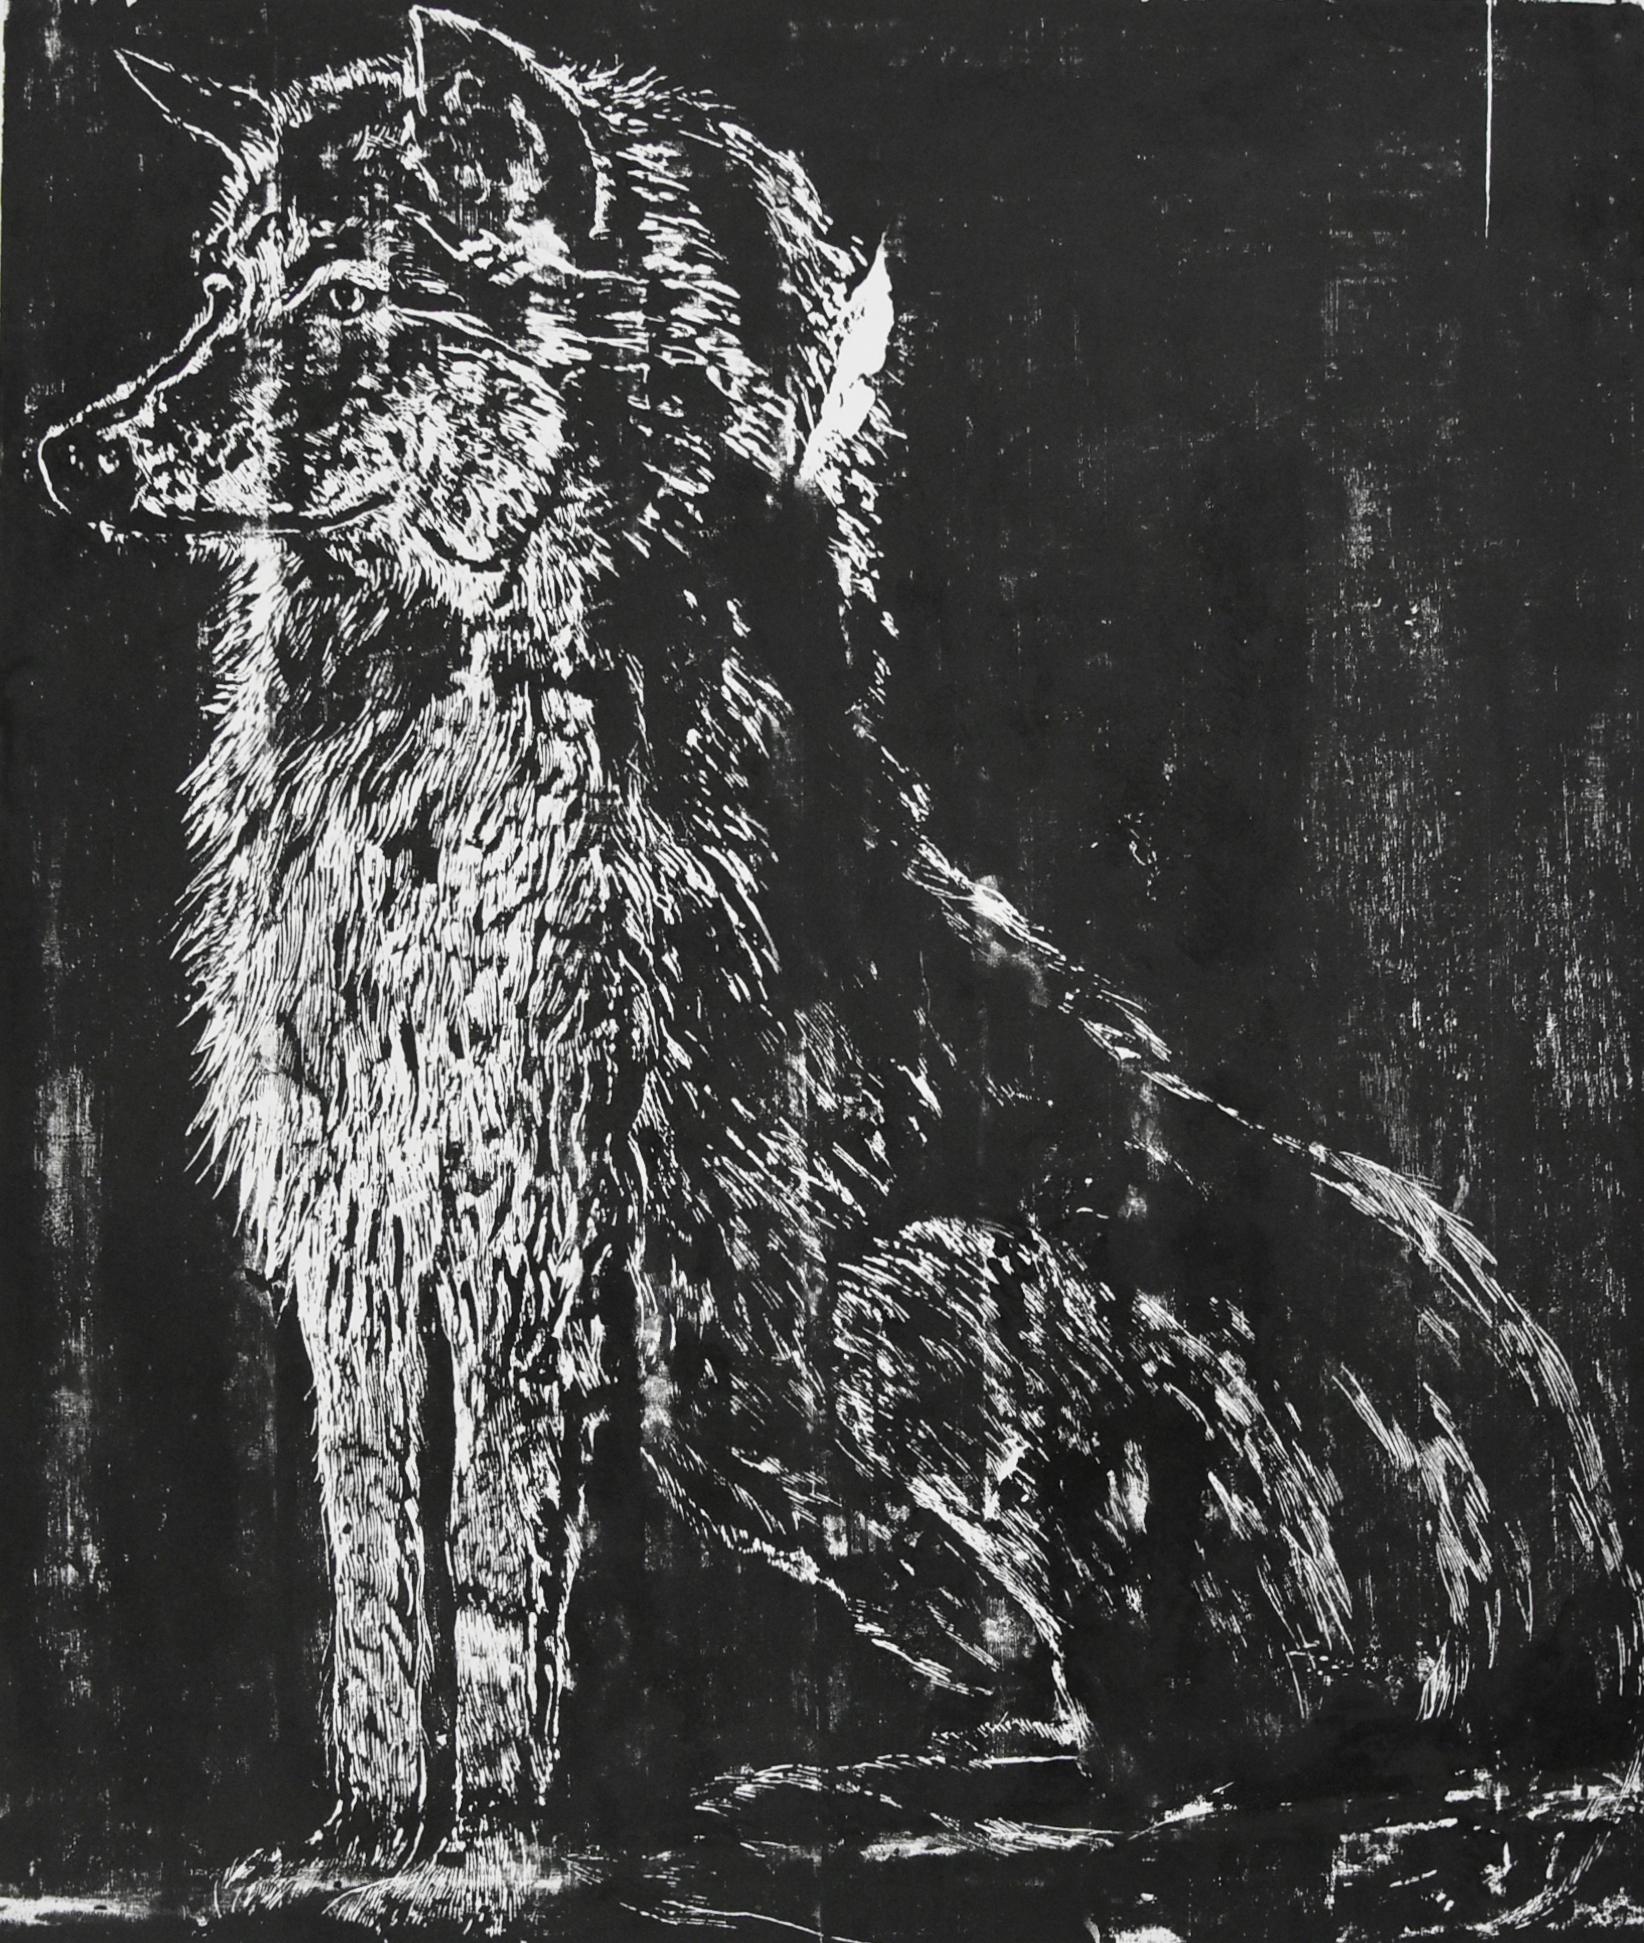 Strażnik wilk, 2013